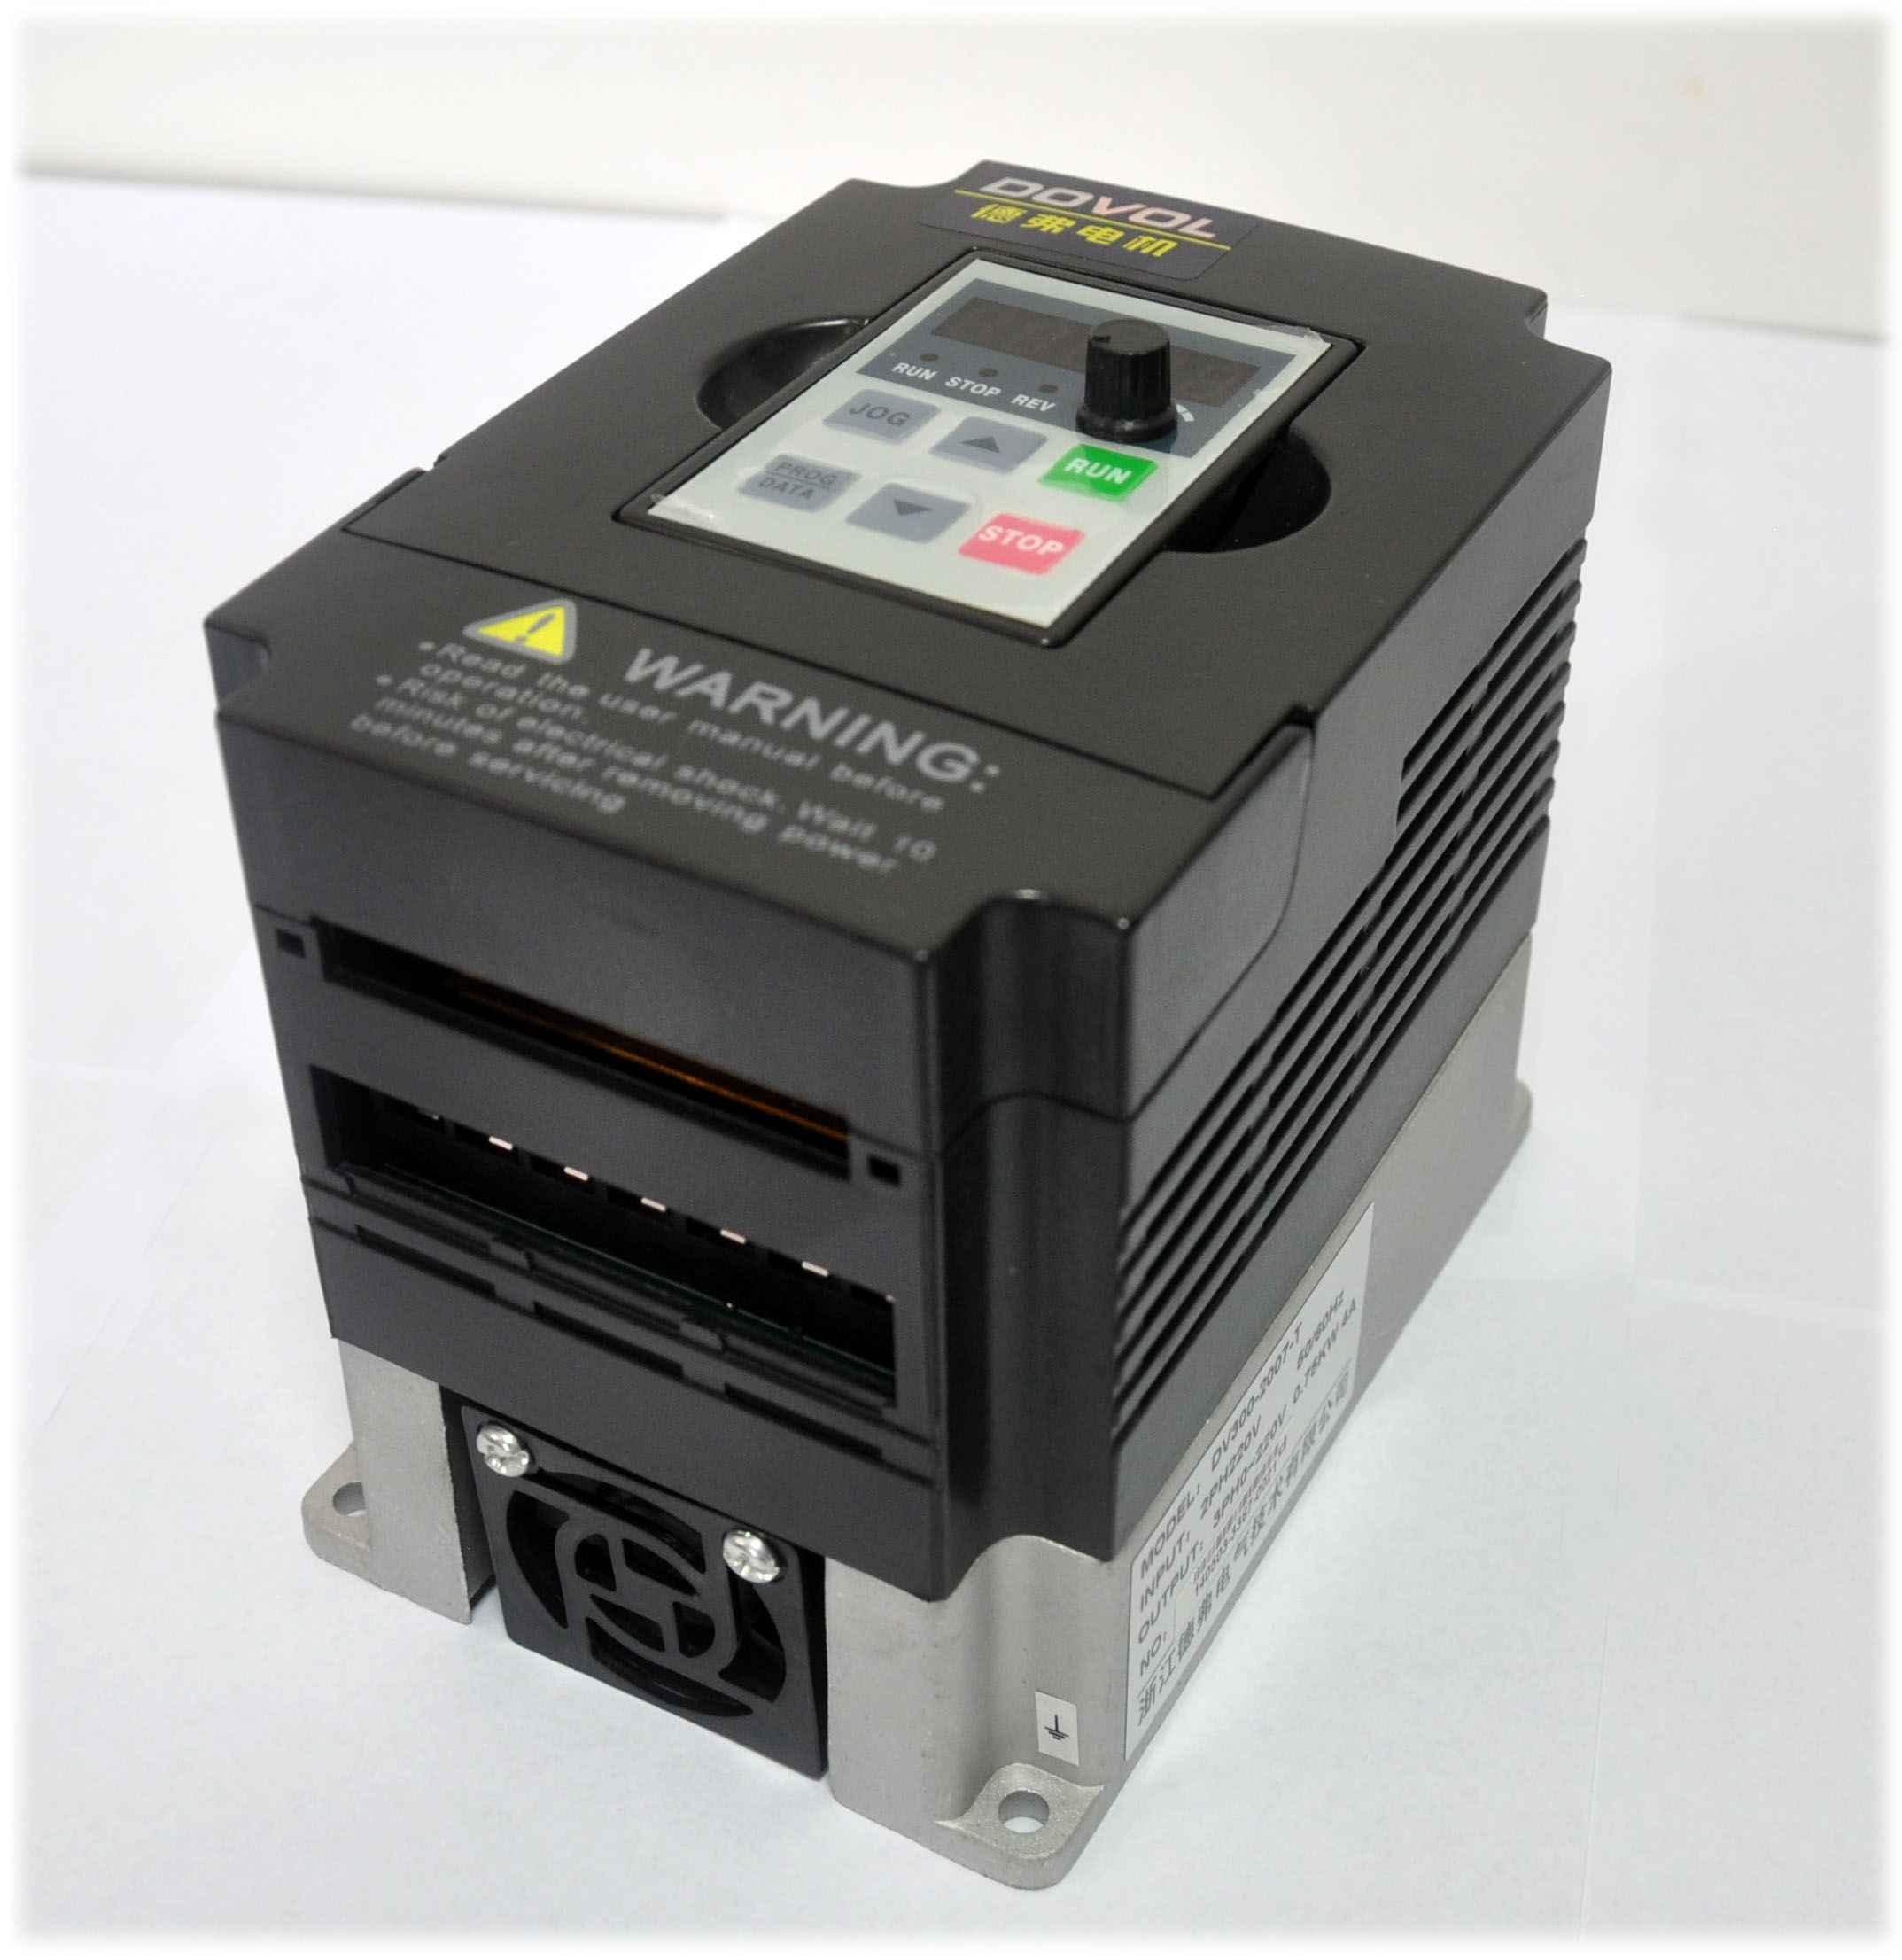 台州德弗 dv300系列变频器